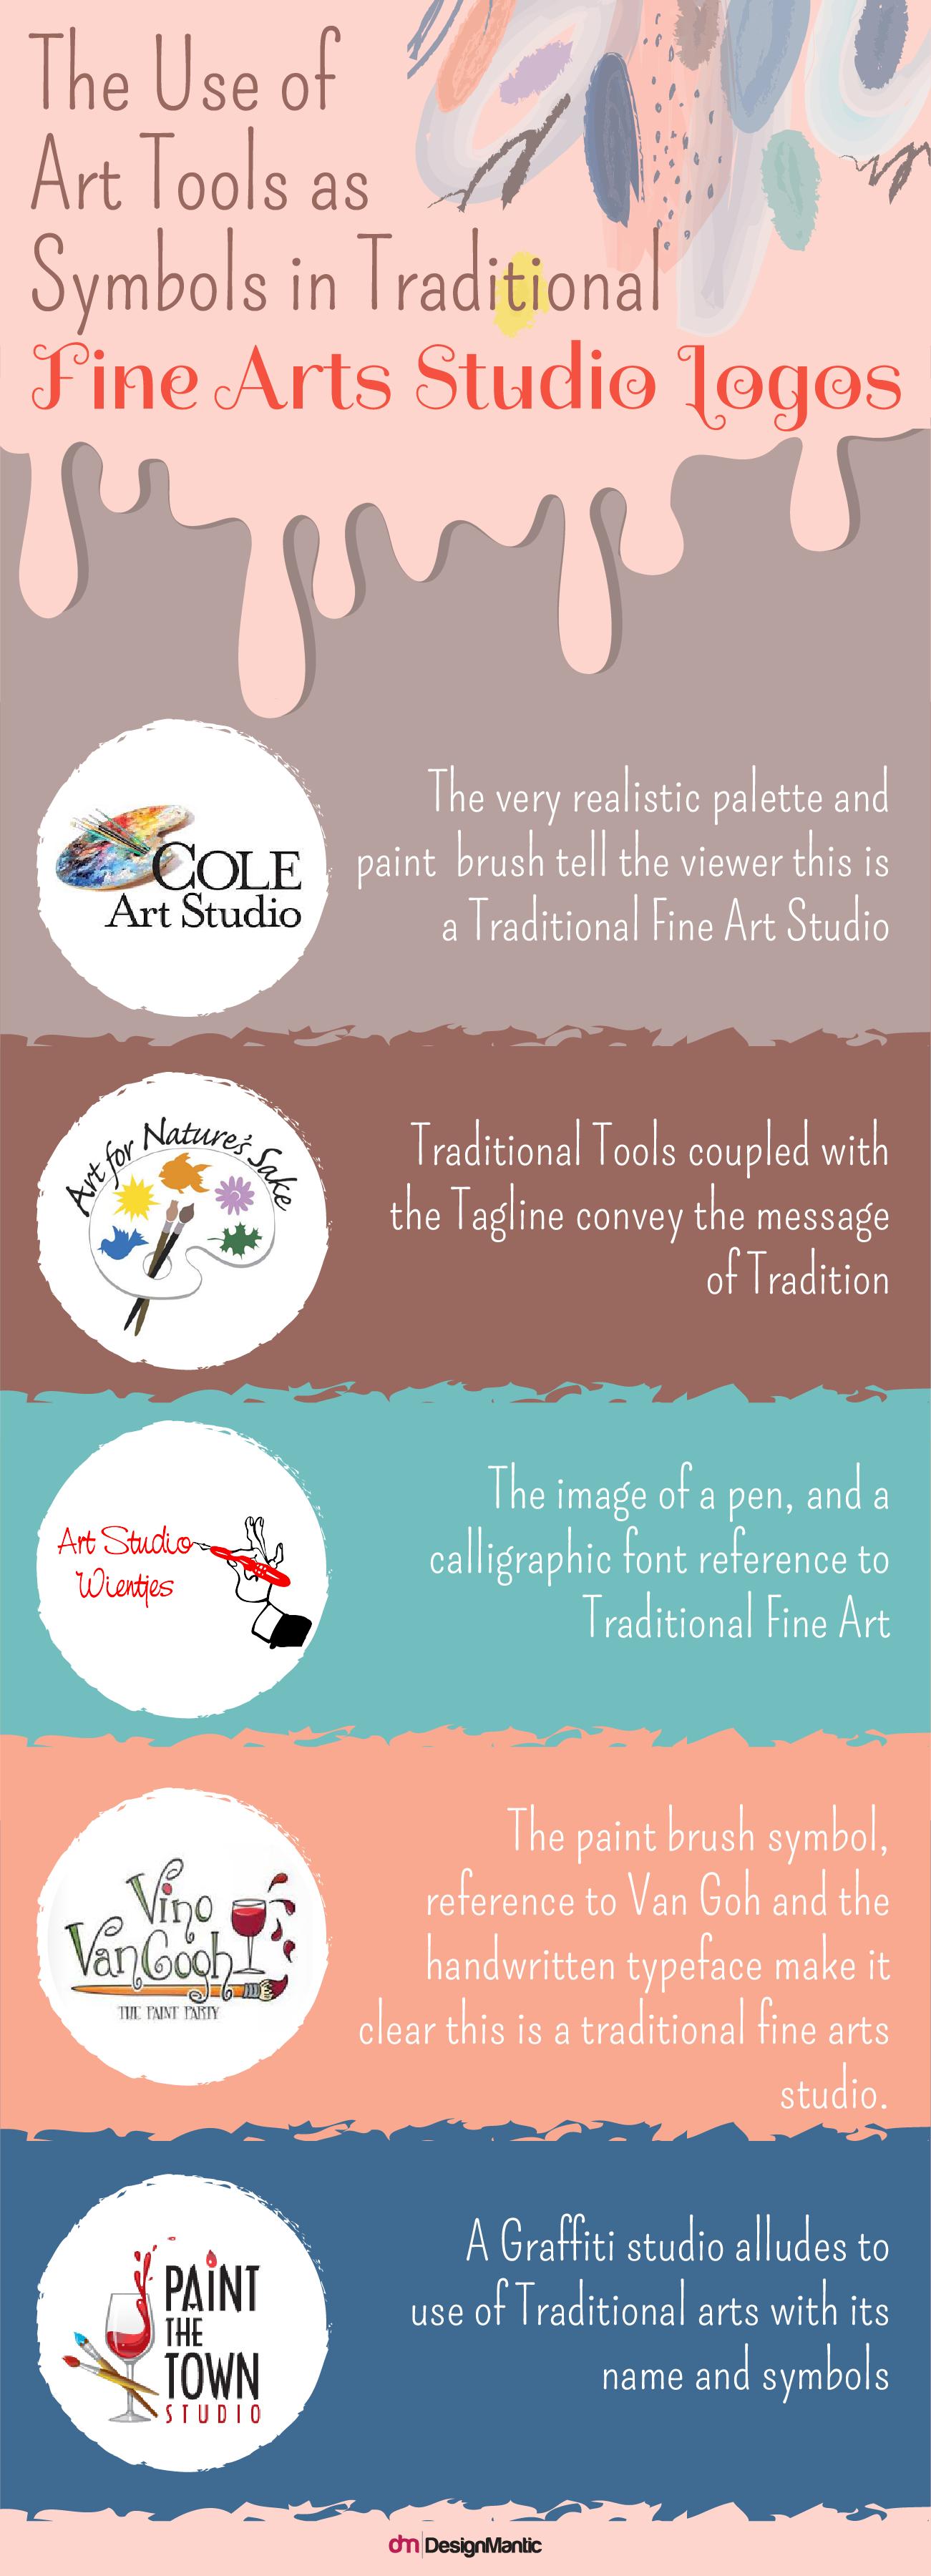 Art Tools as Symbols